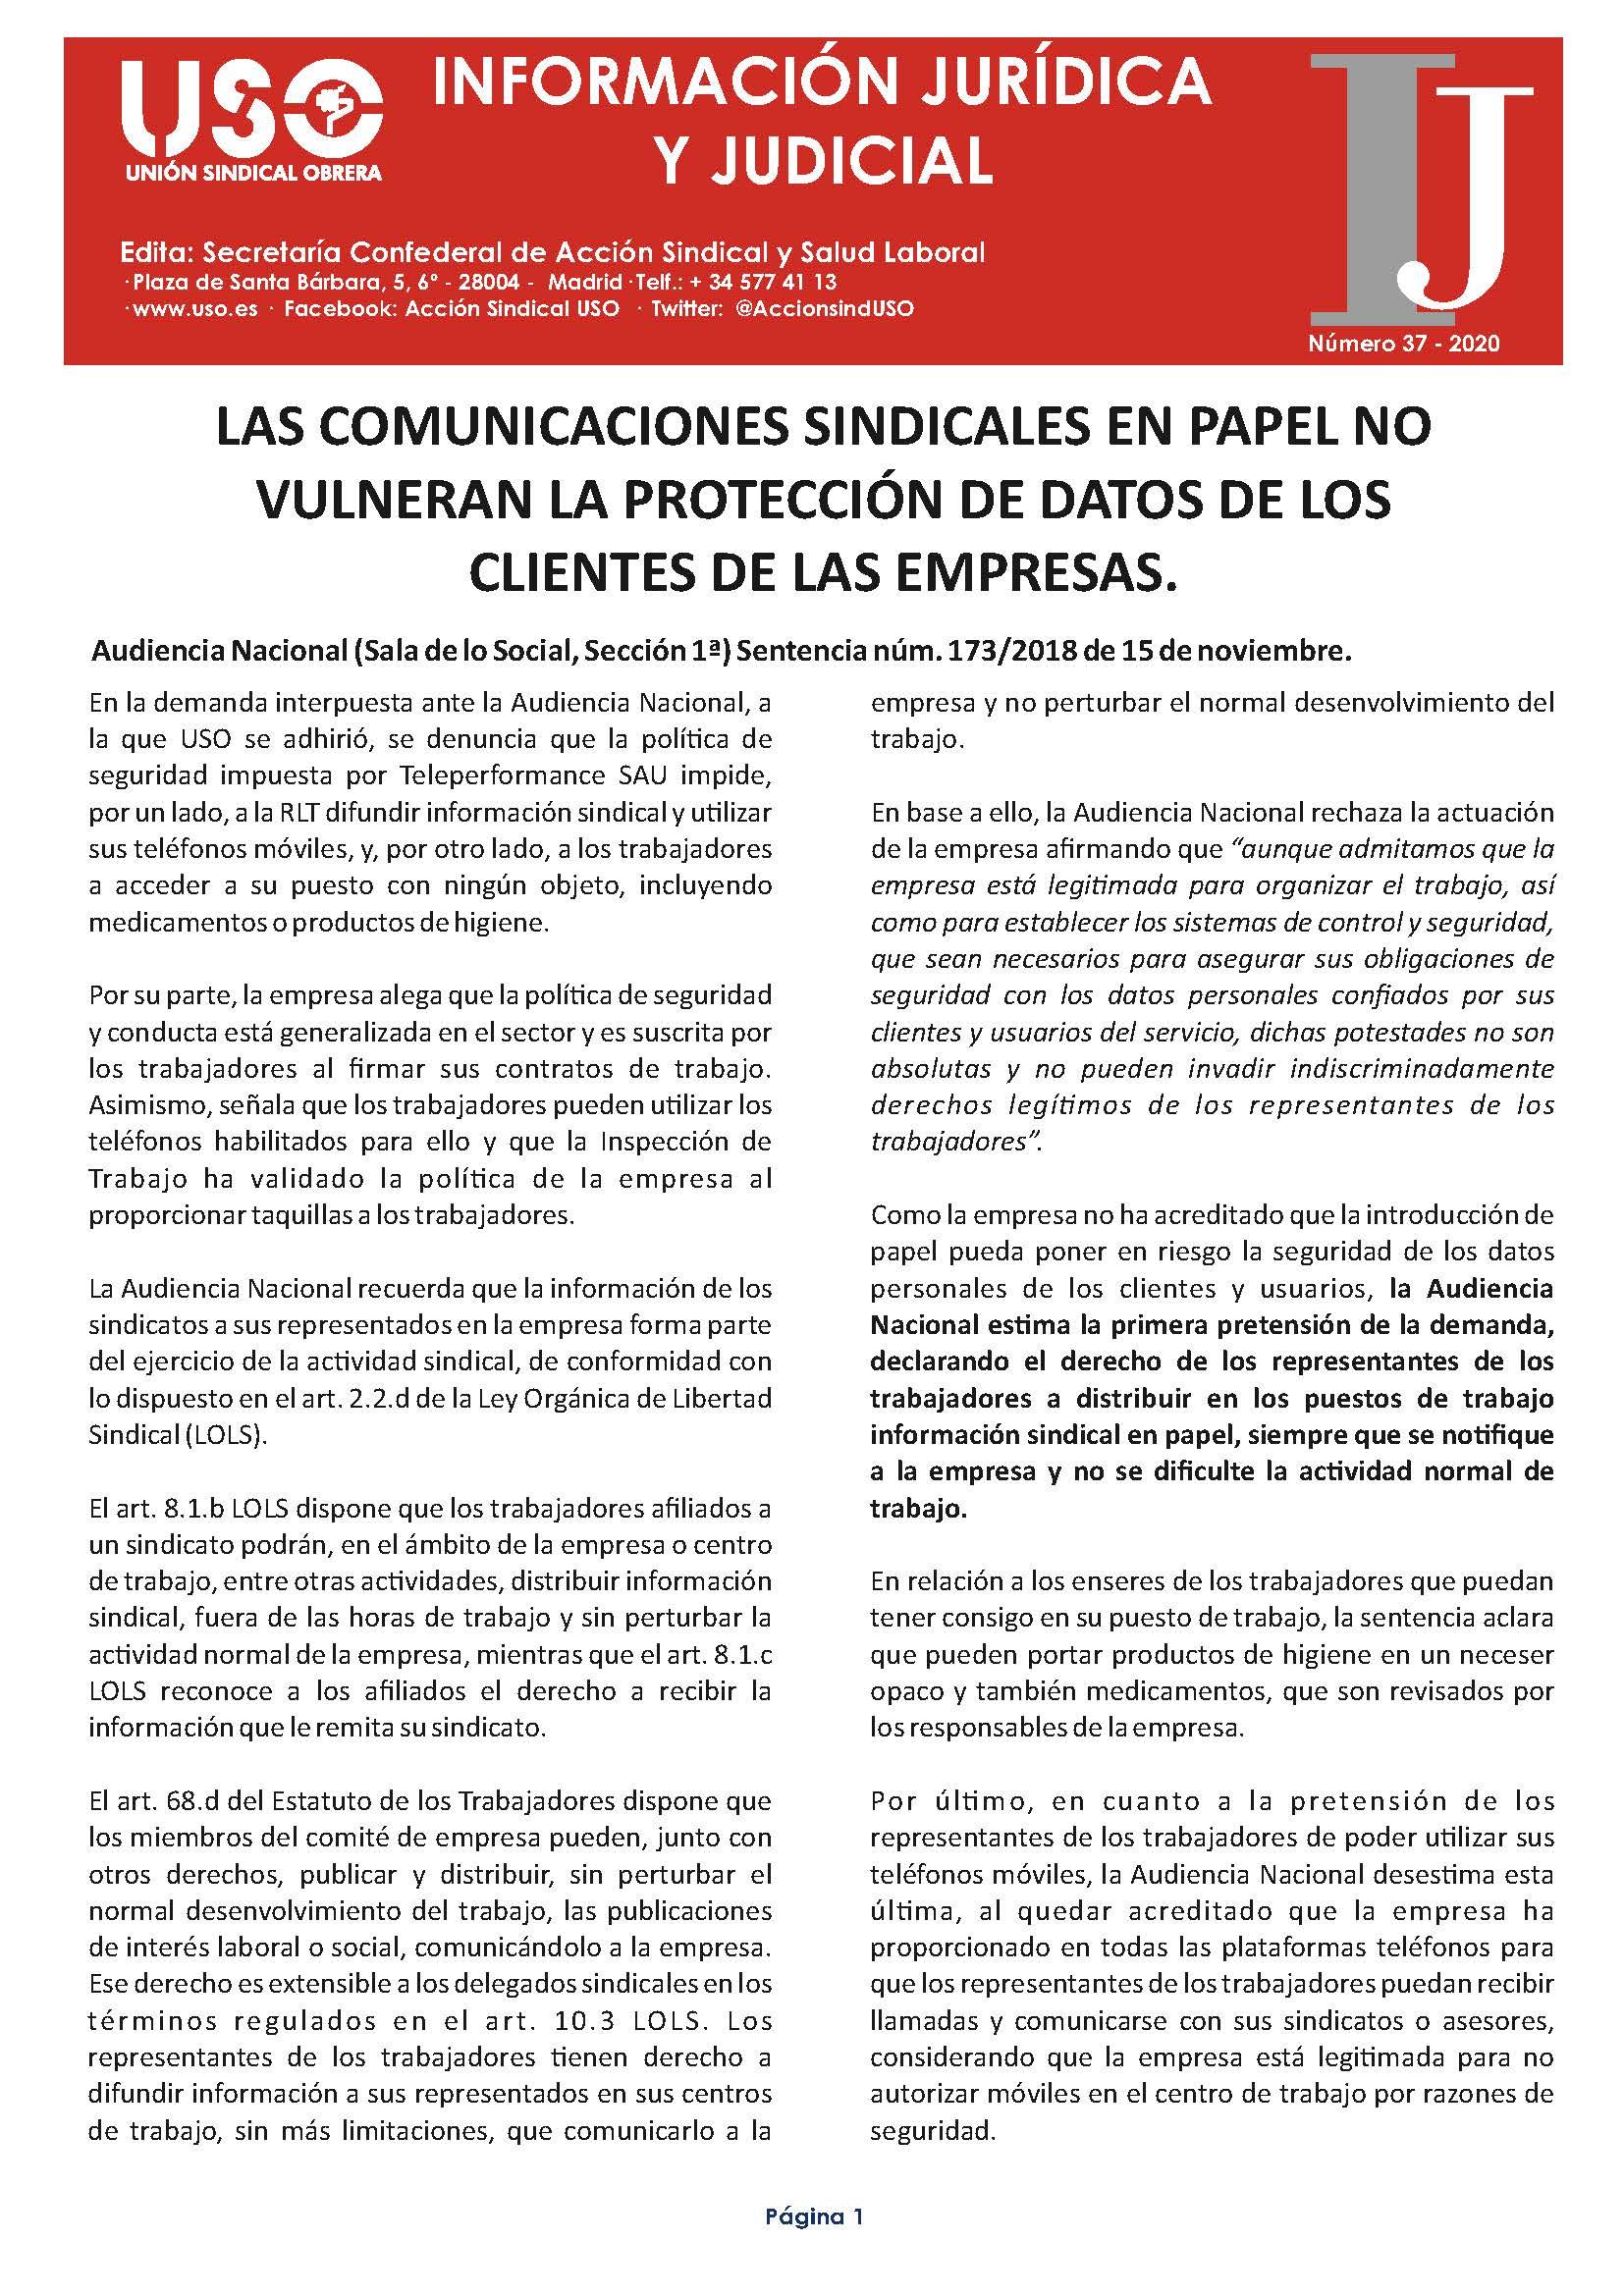 Información Jurídica y Judicial nº 37